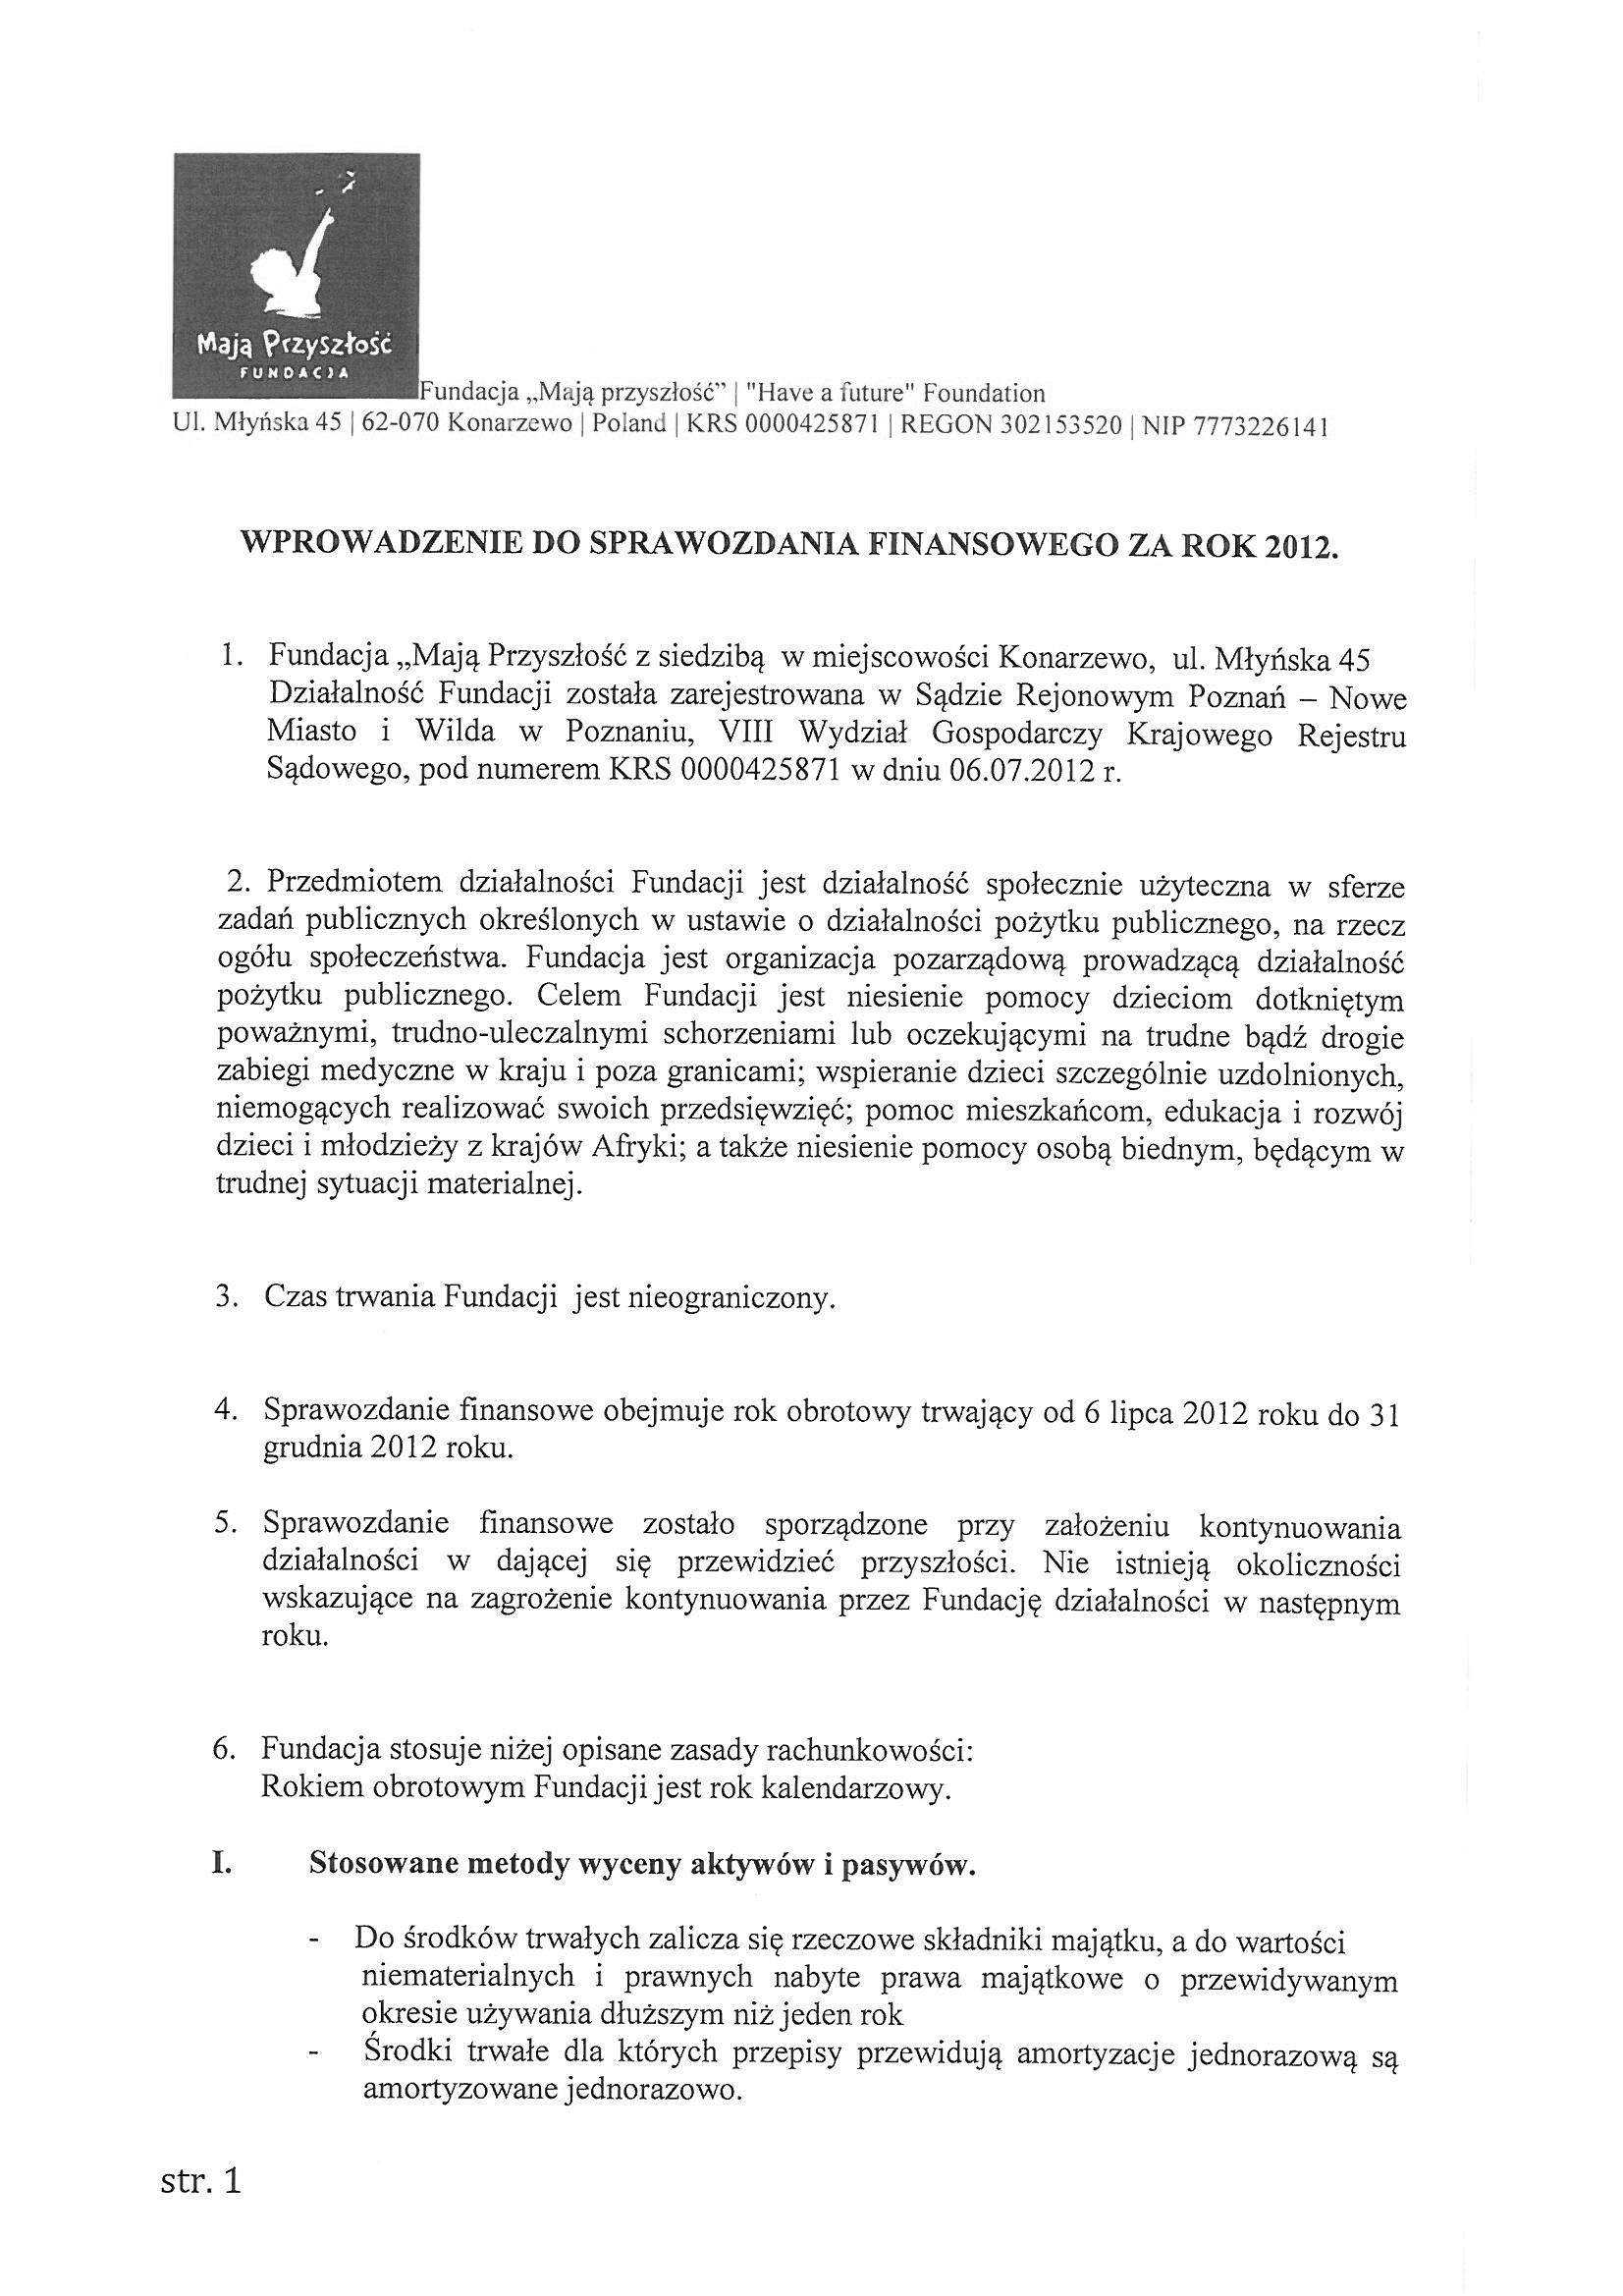 sprawozdanie-finansowe-FMP-2012_Page_1